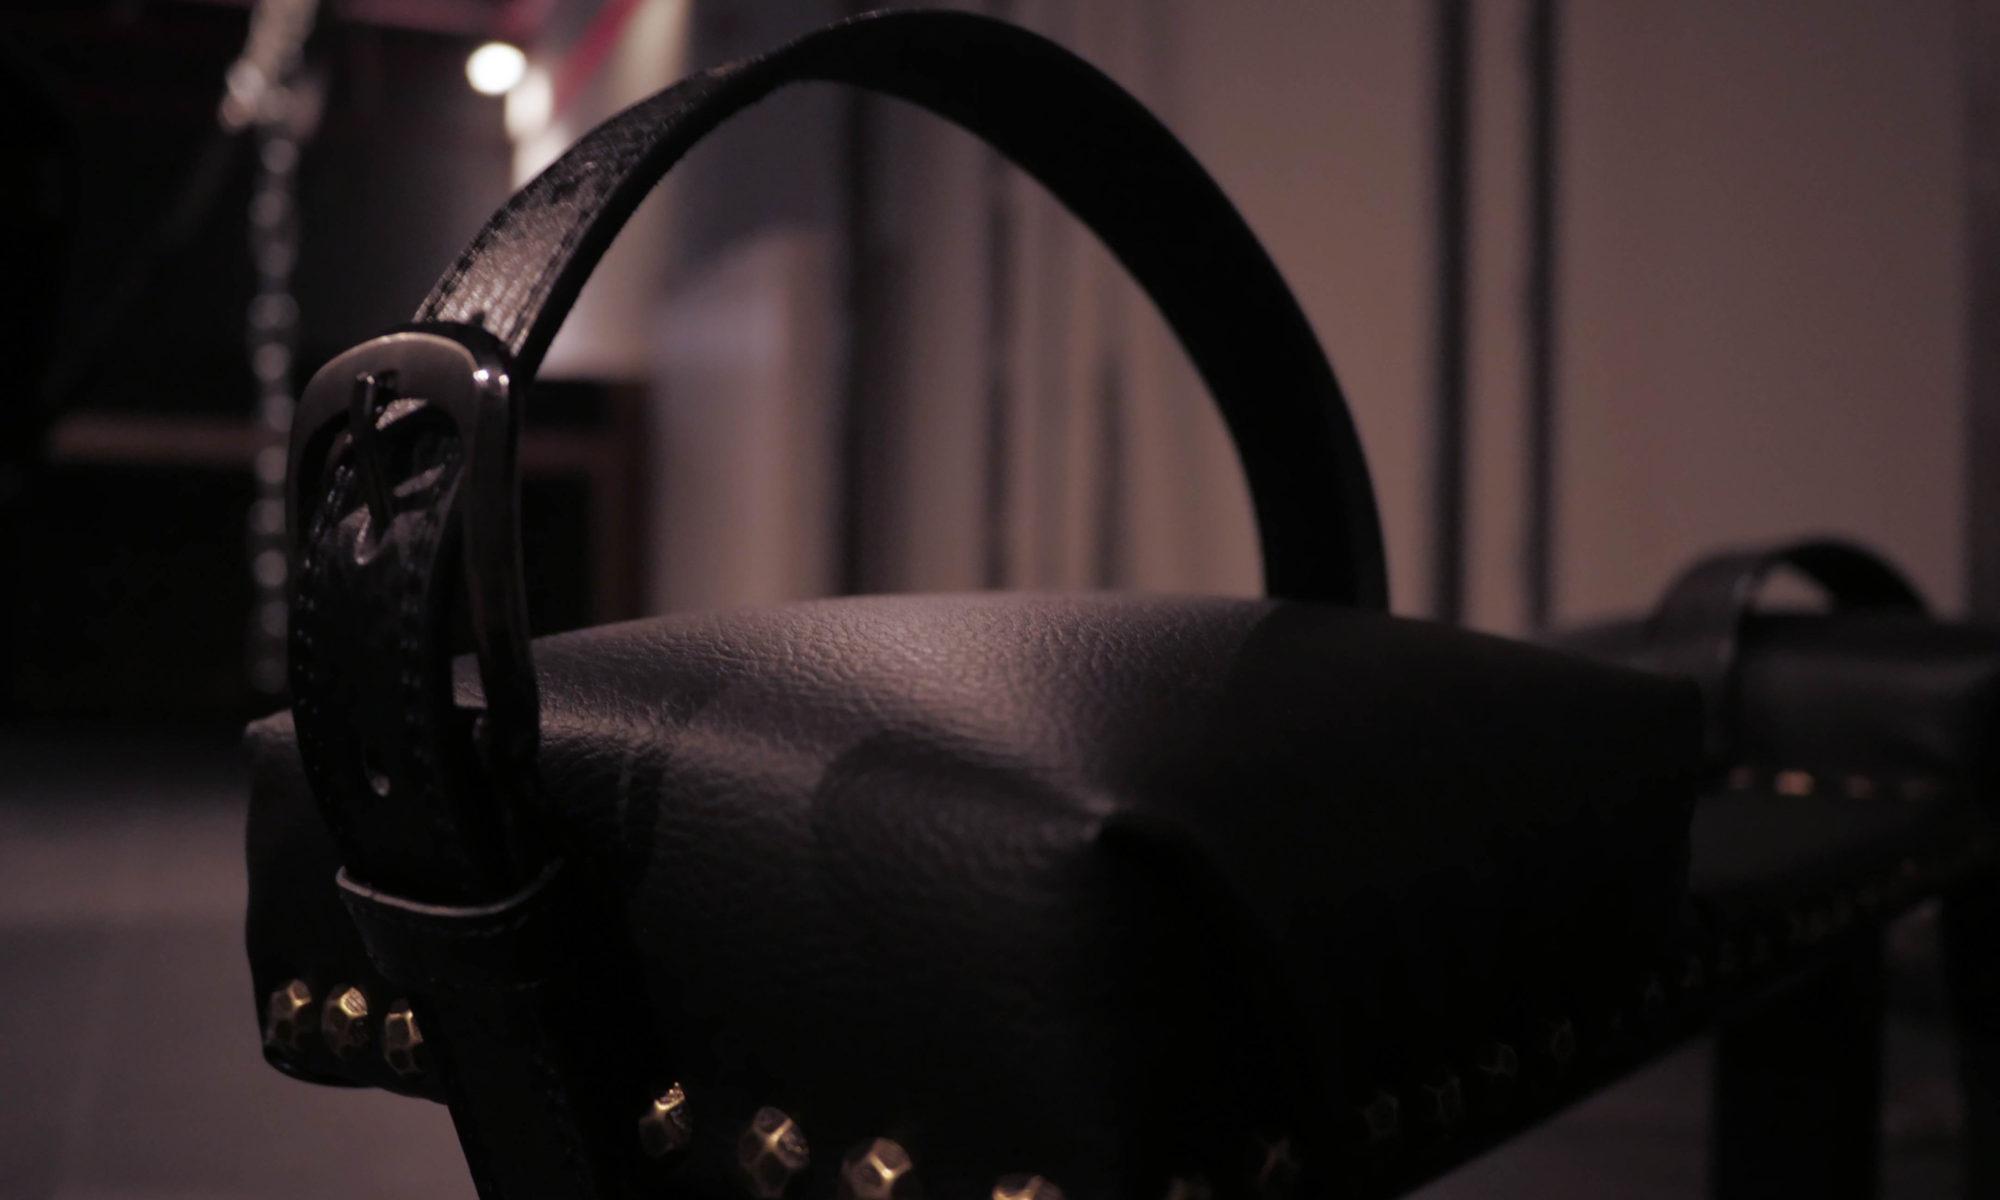 SM Studio in Alkmaar - BDSM Ruimte huren - Studio Desire